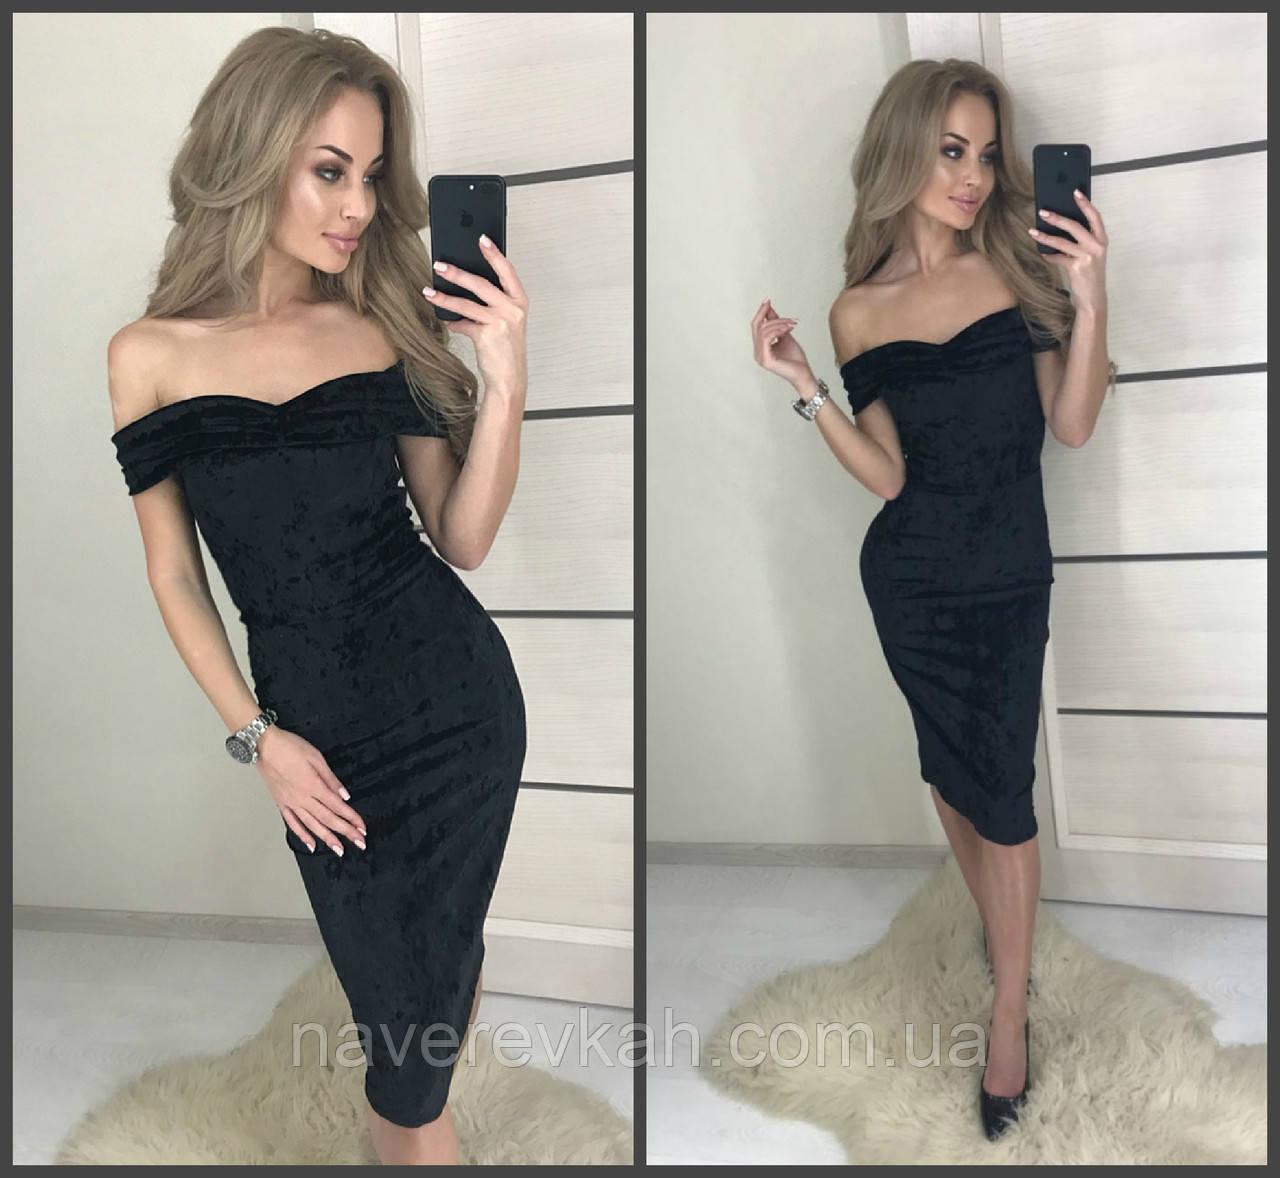 Женское облегающее вечернее платье с открытыми плечами, бархат, черный, бордовый, темно синий 42-44, 44-46